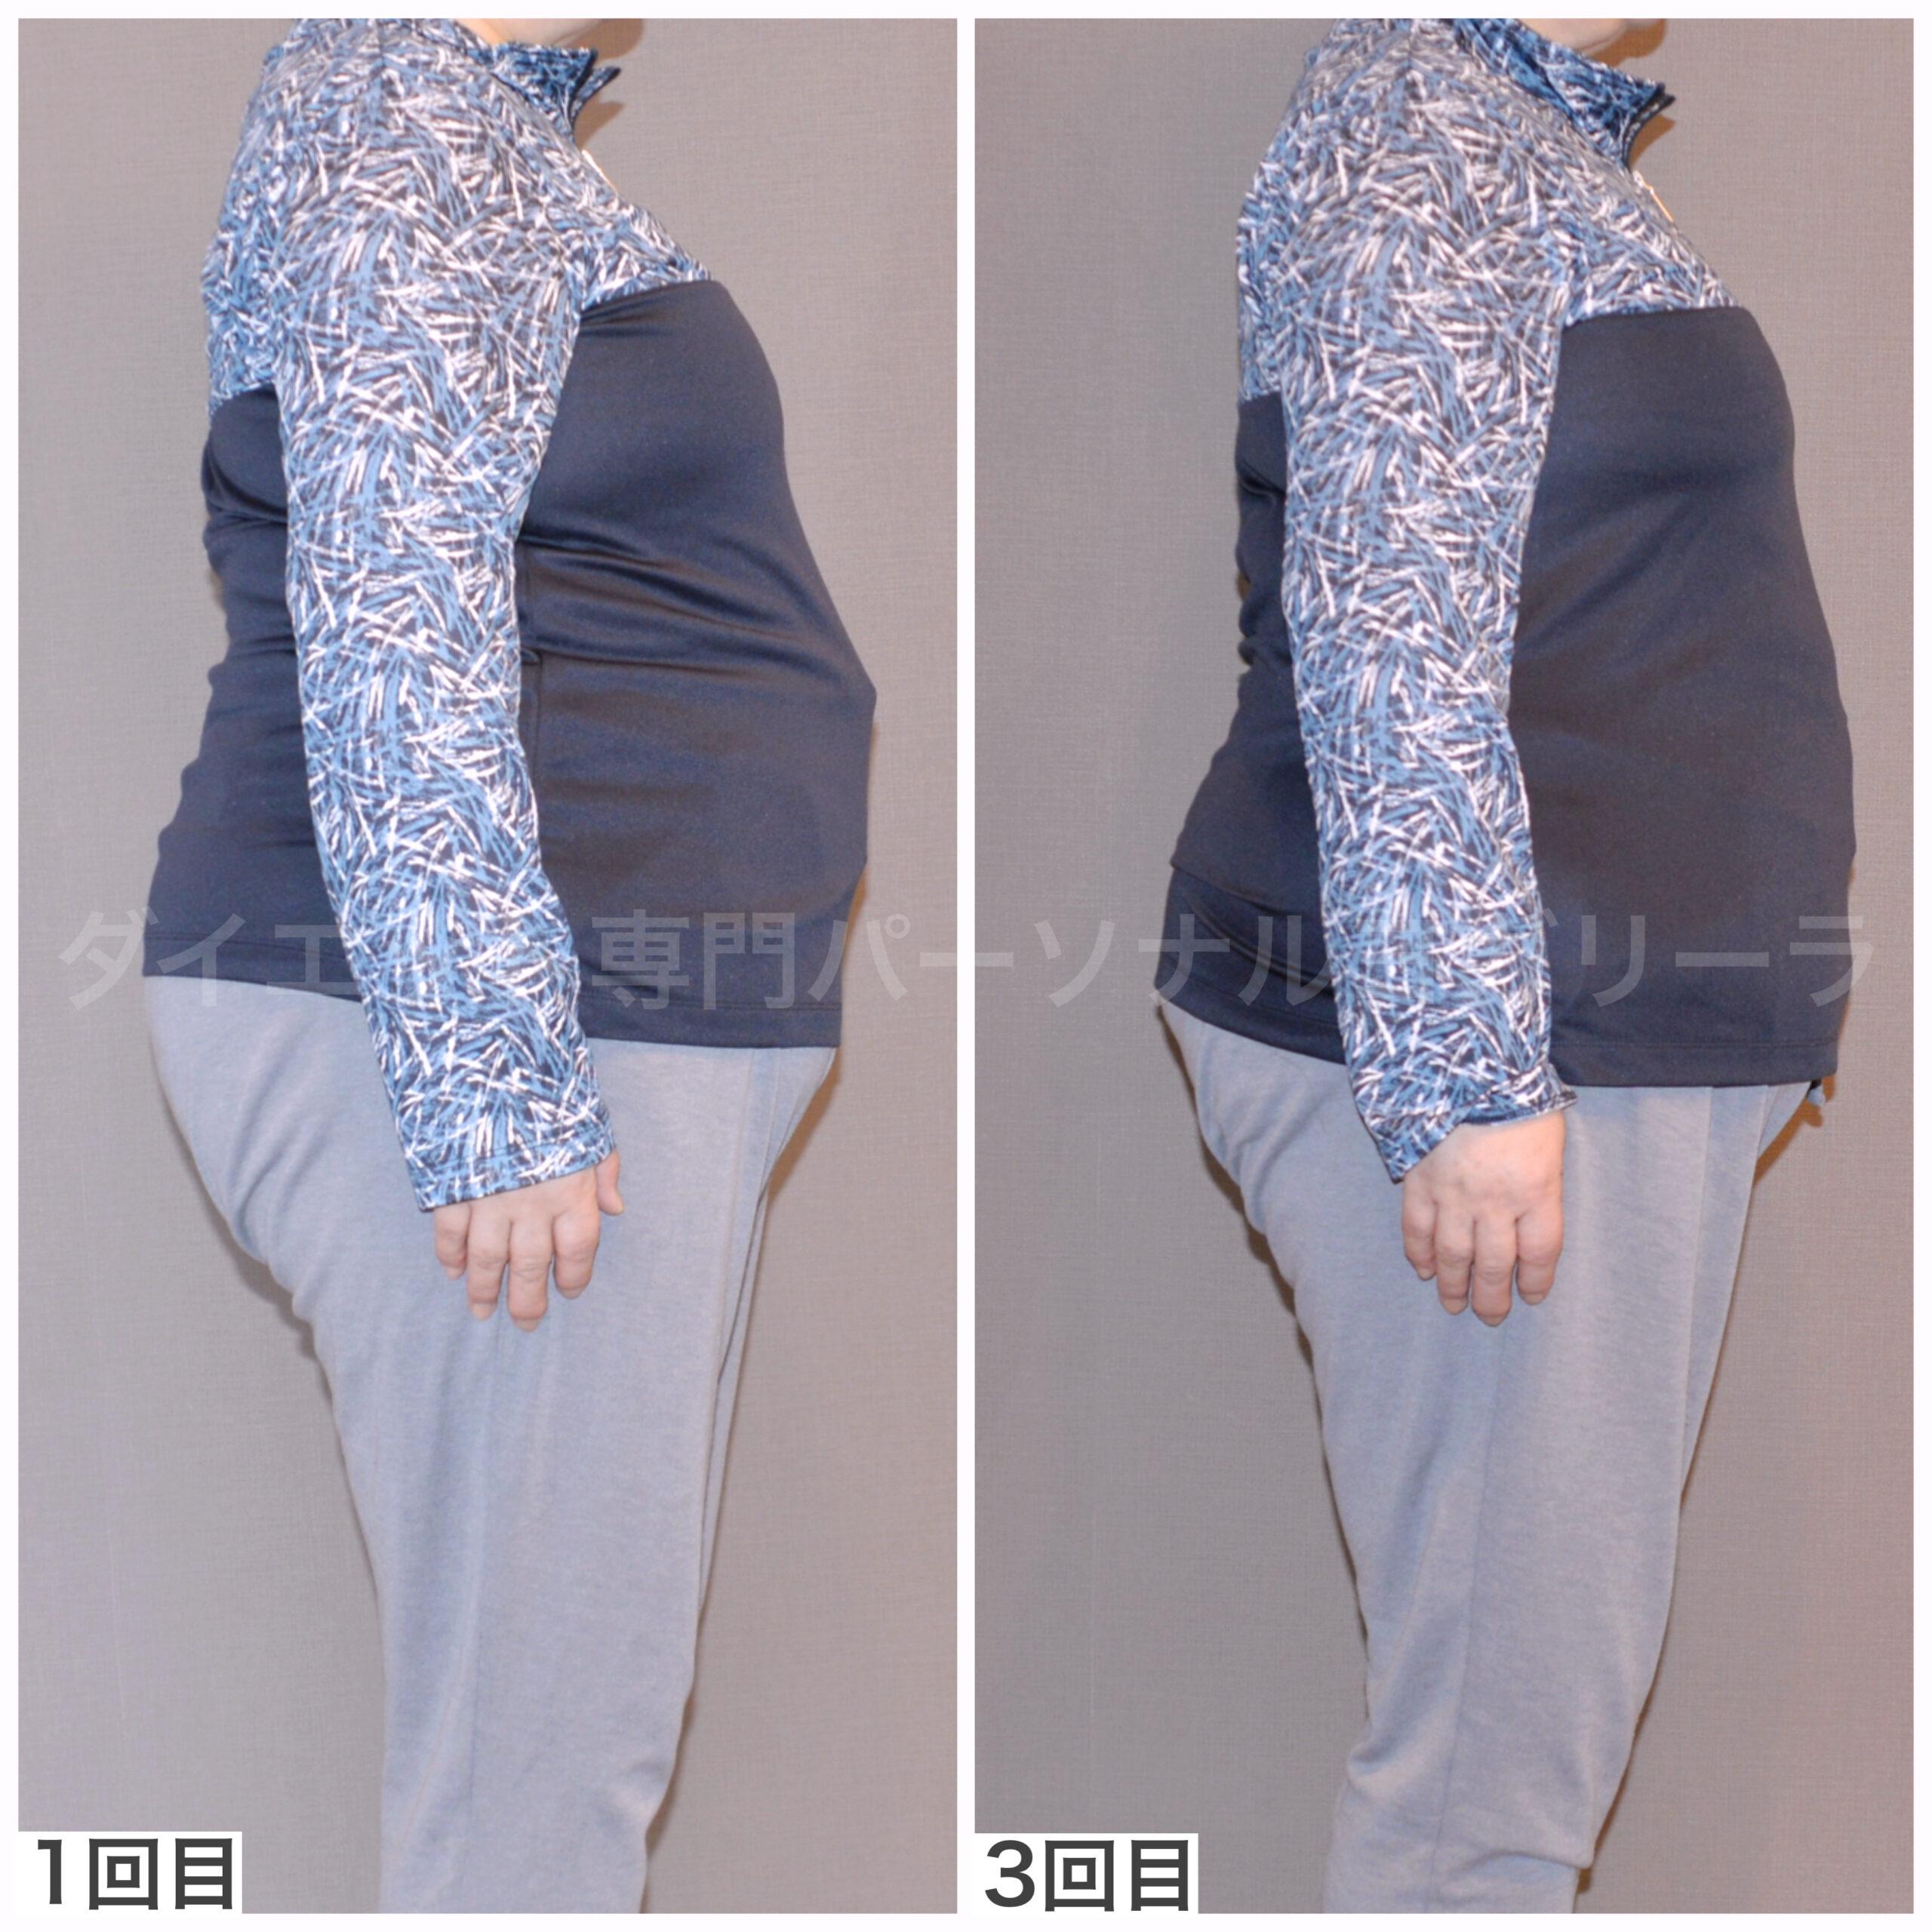 2週間で-4kg・痩せる未来しか想像できない!